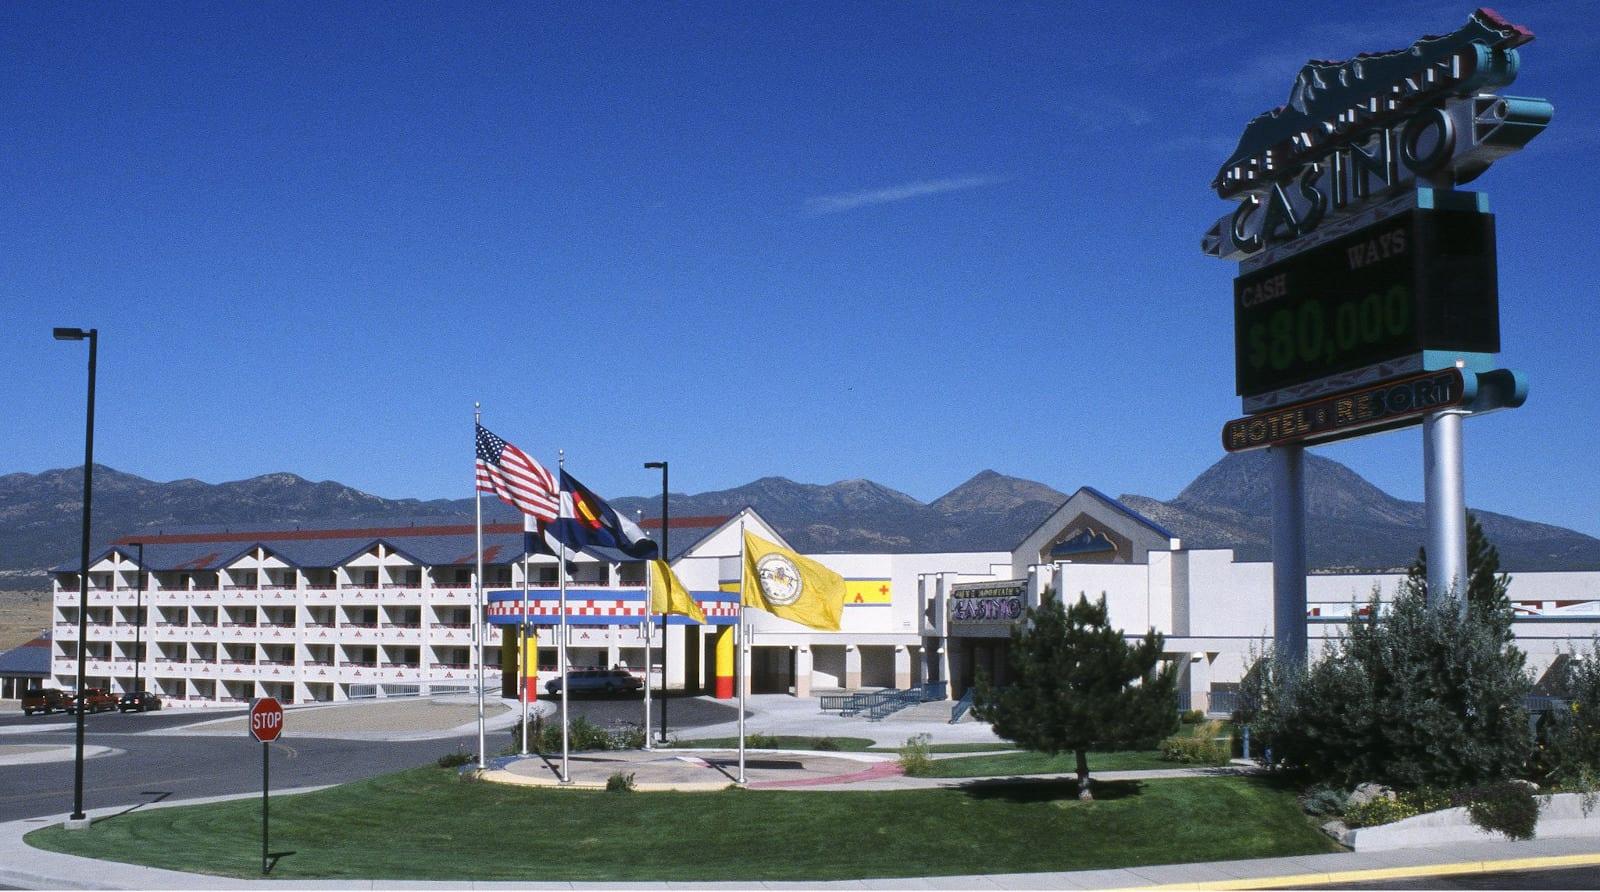 Ute Mountain Casino Hotel Towaoc CO